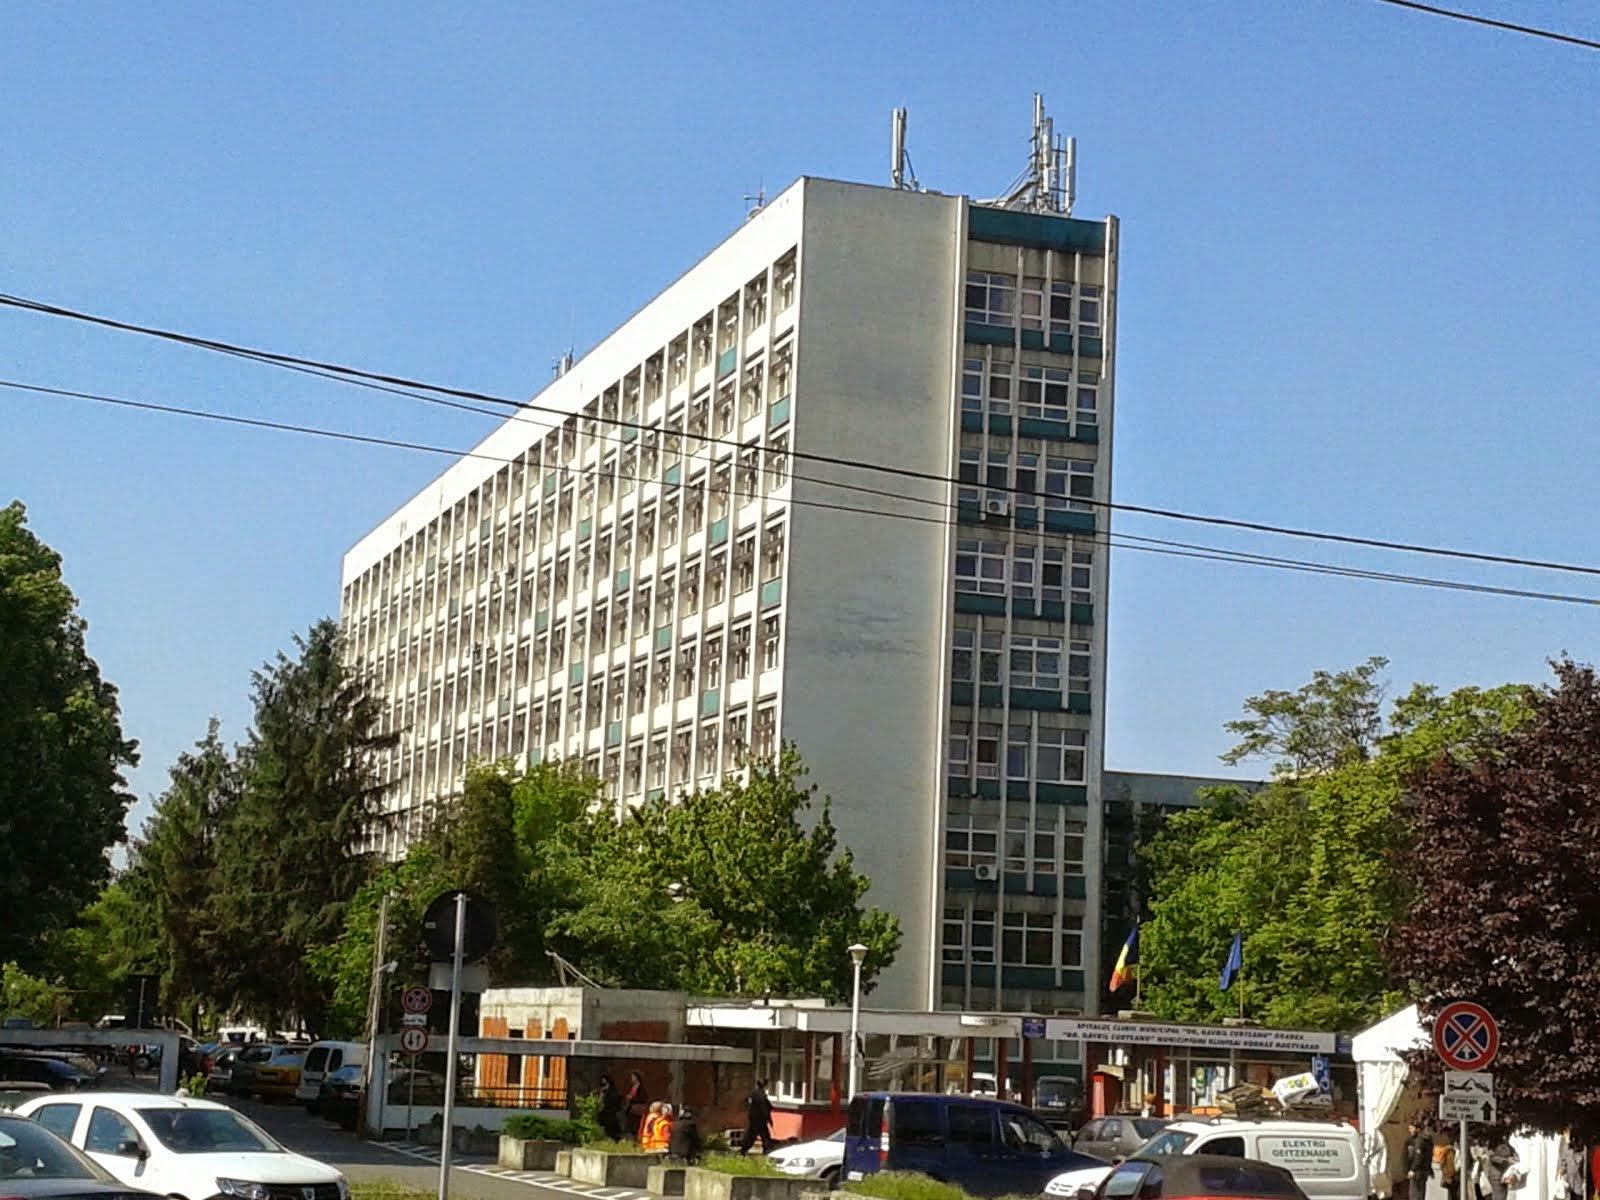 Hospital in Oradea